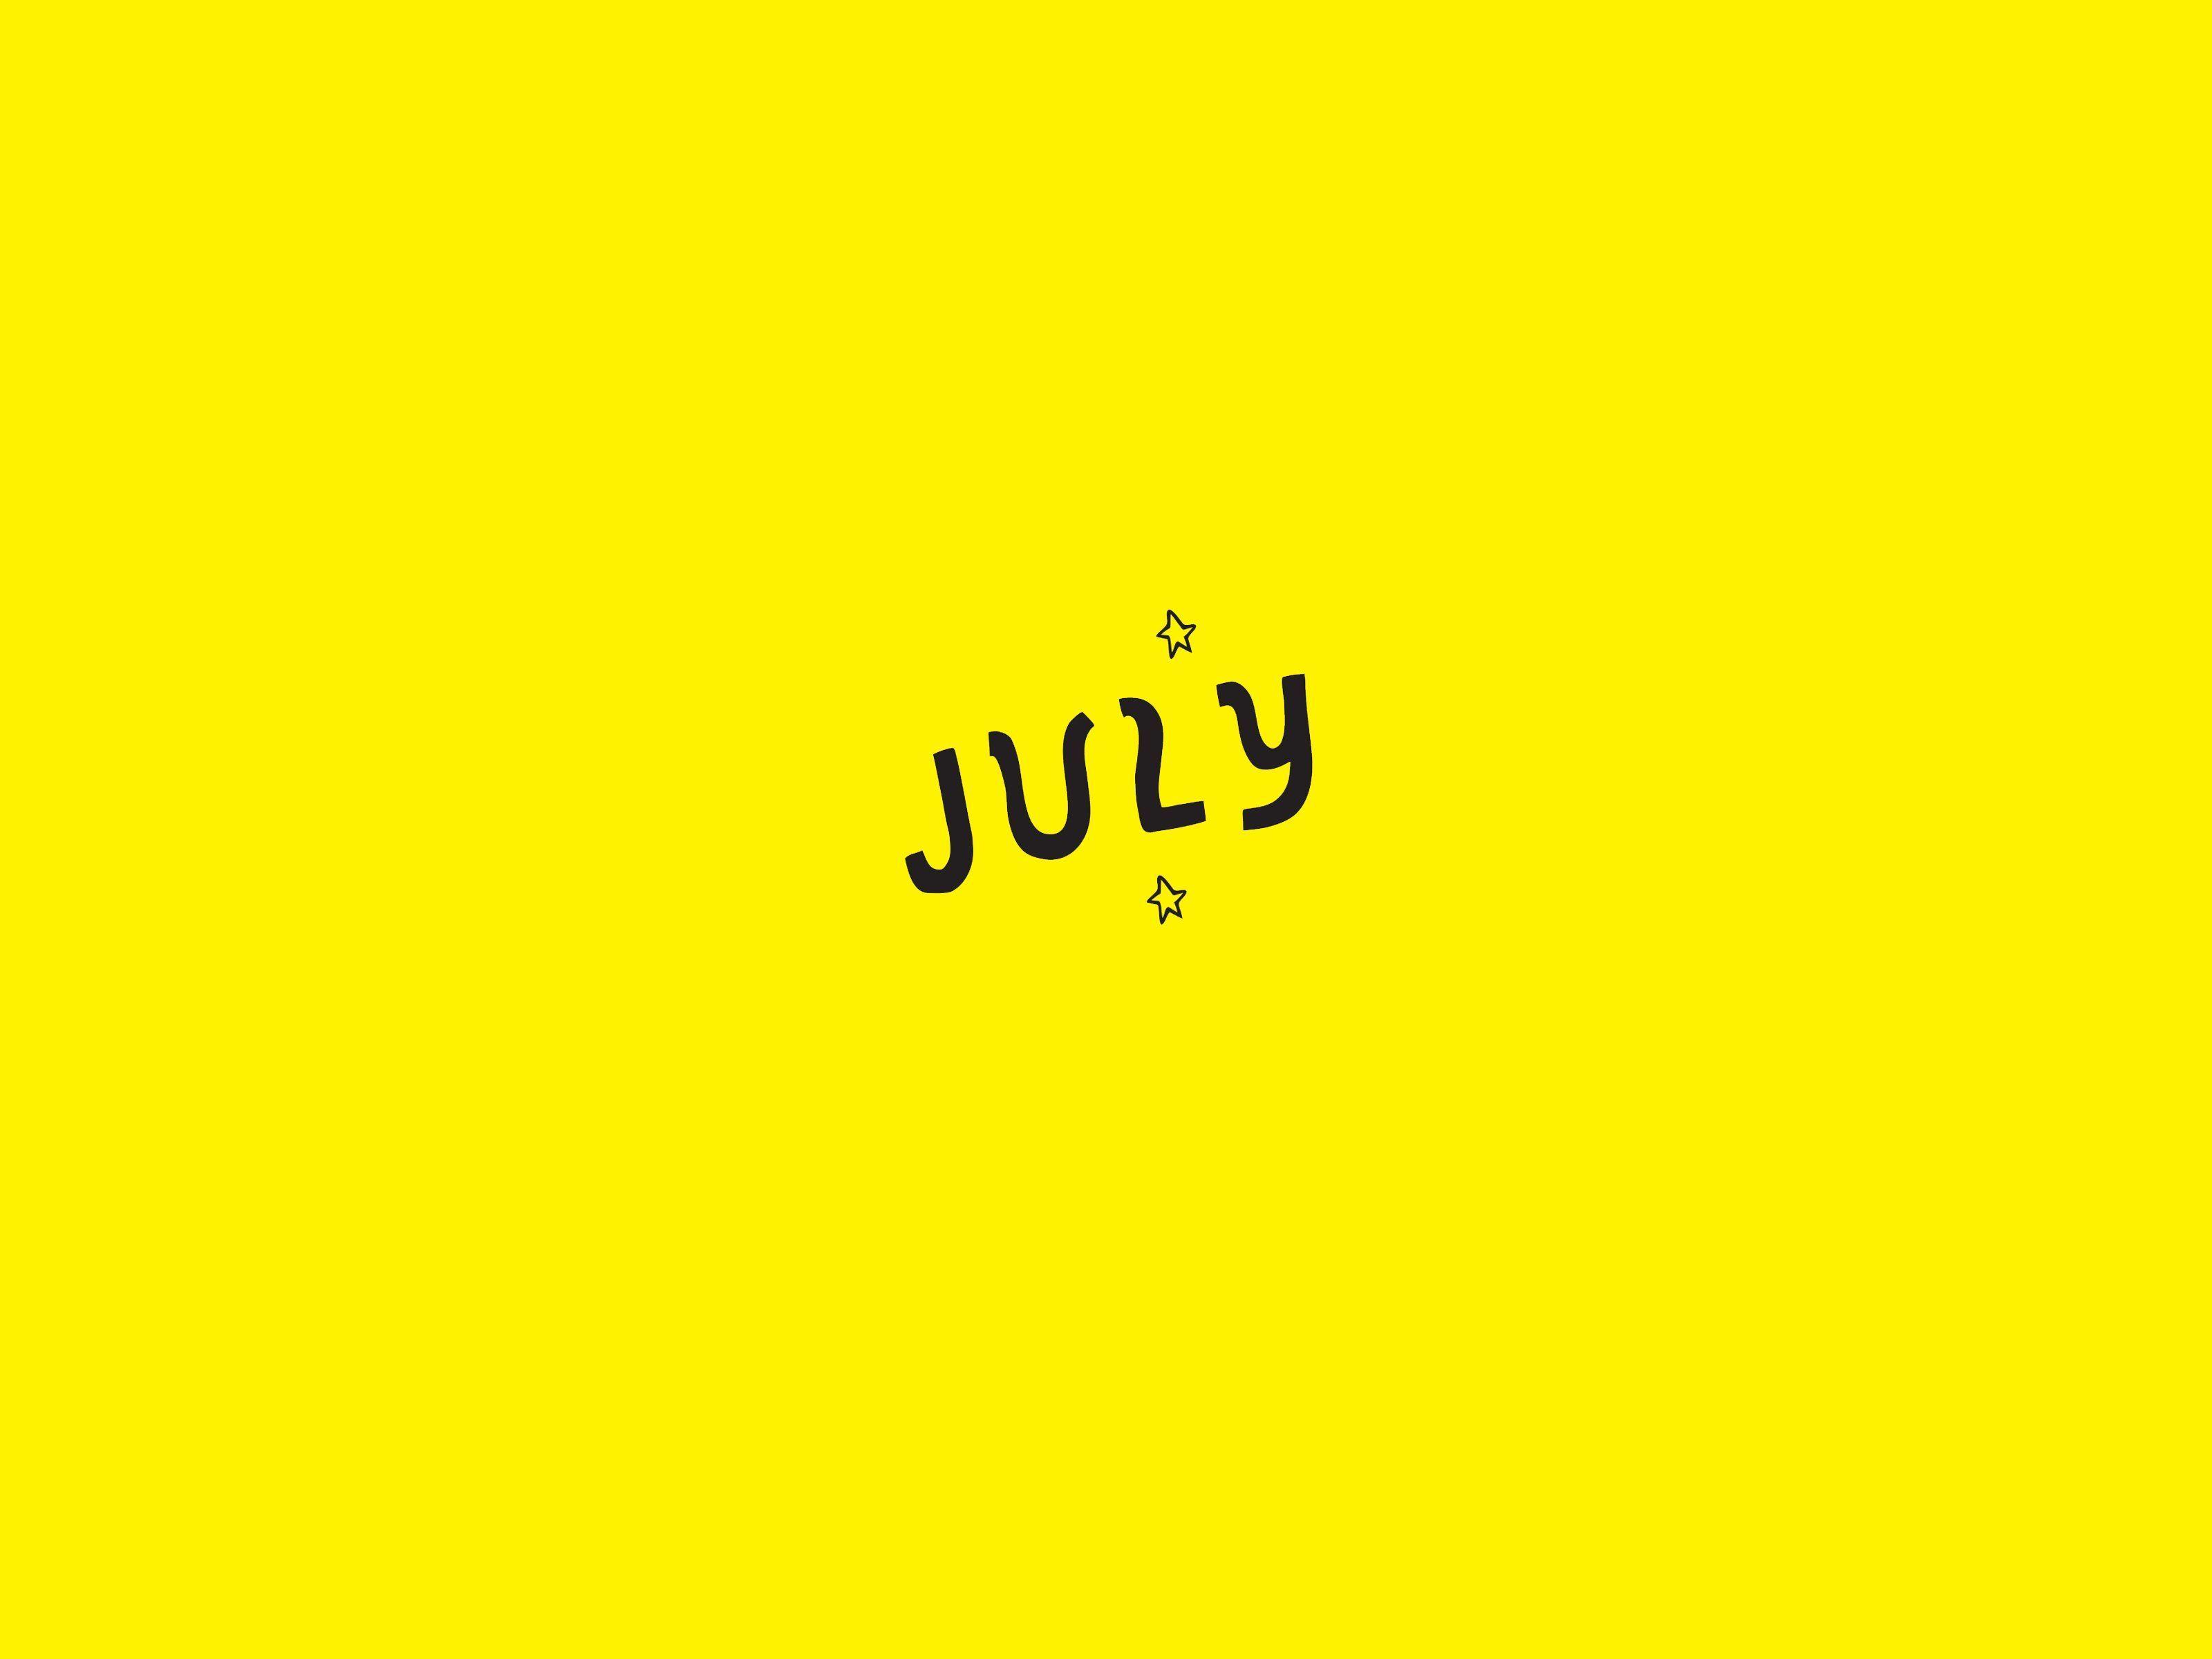 Yellow Aesthetic Tumblr In 2020 Yellow Aesthetic Aesthetic Wallpapers Aesthetic Desktop Wallpaper